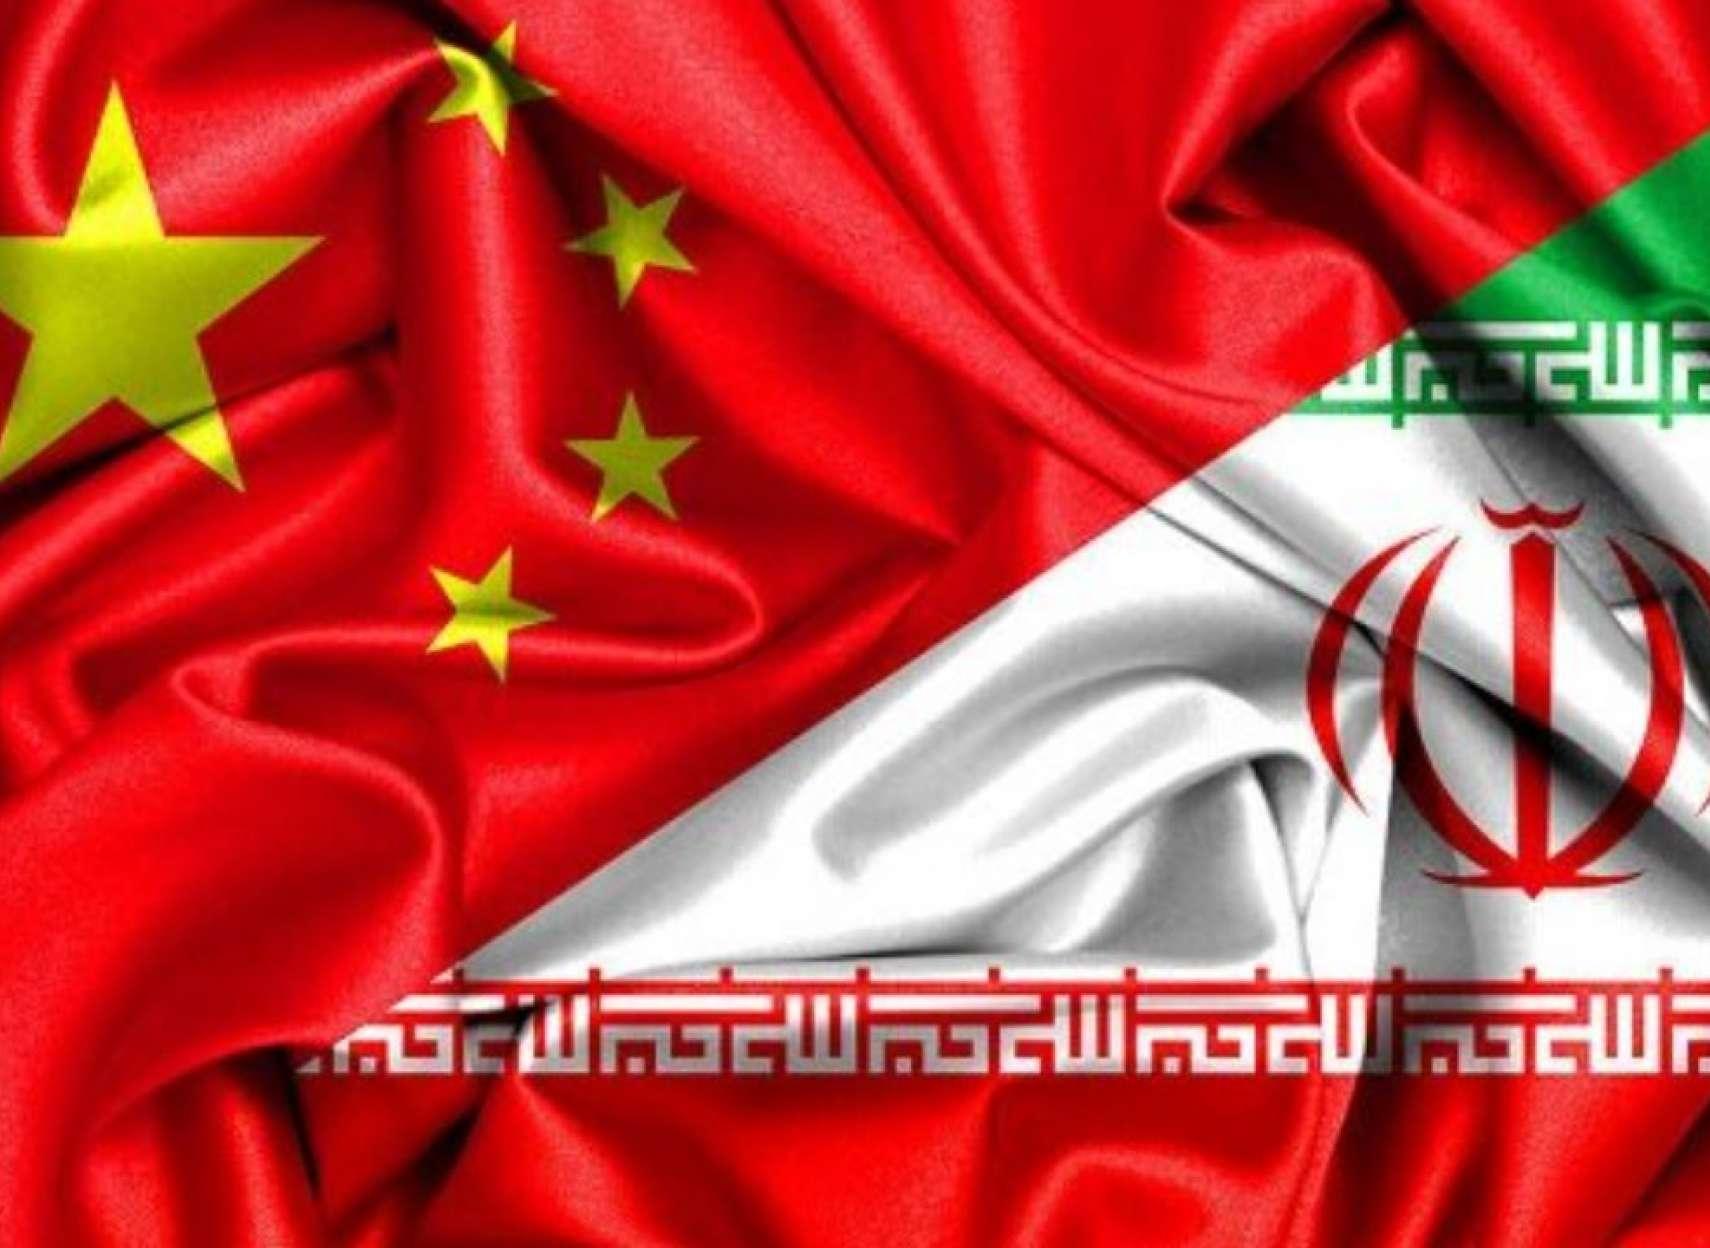 نگرانی-های-بخش-خصوصی-در-ایران-درباره-قرار-داد-25-ساله-با-چین